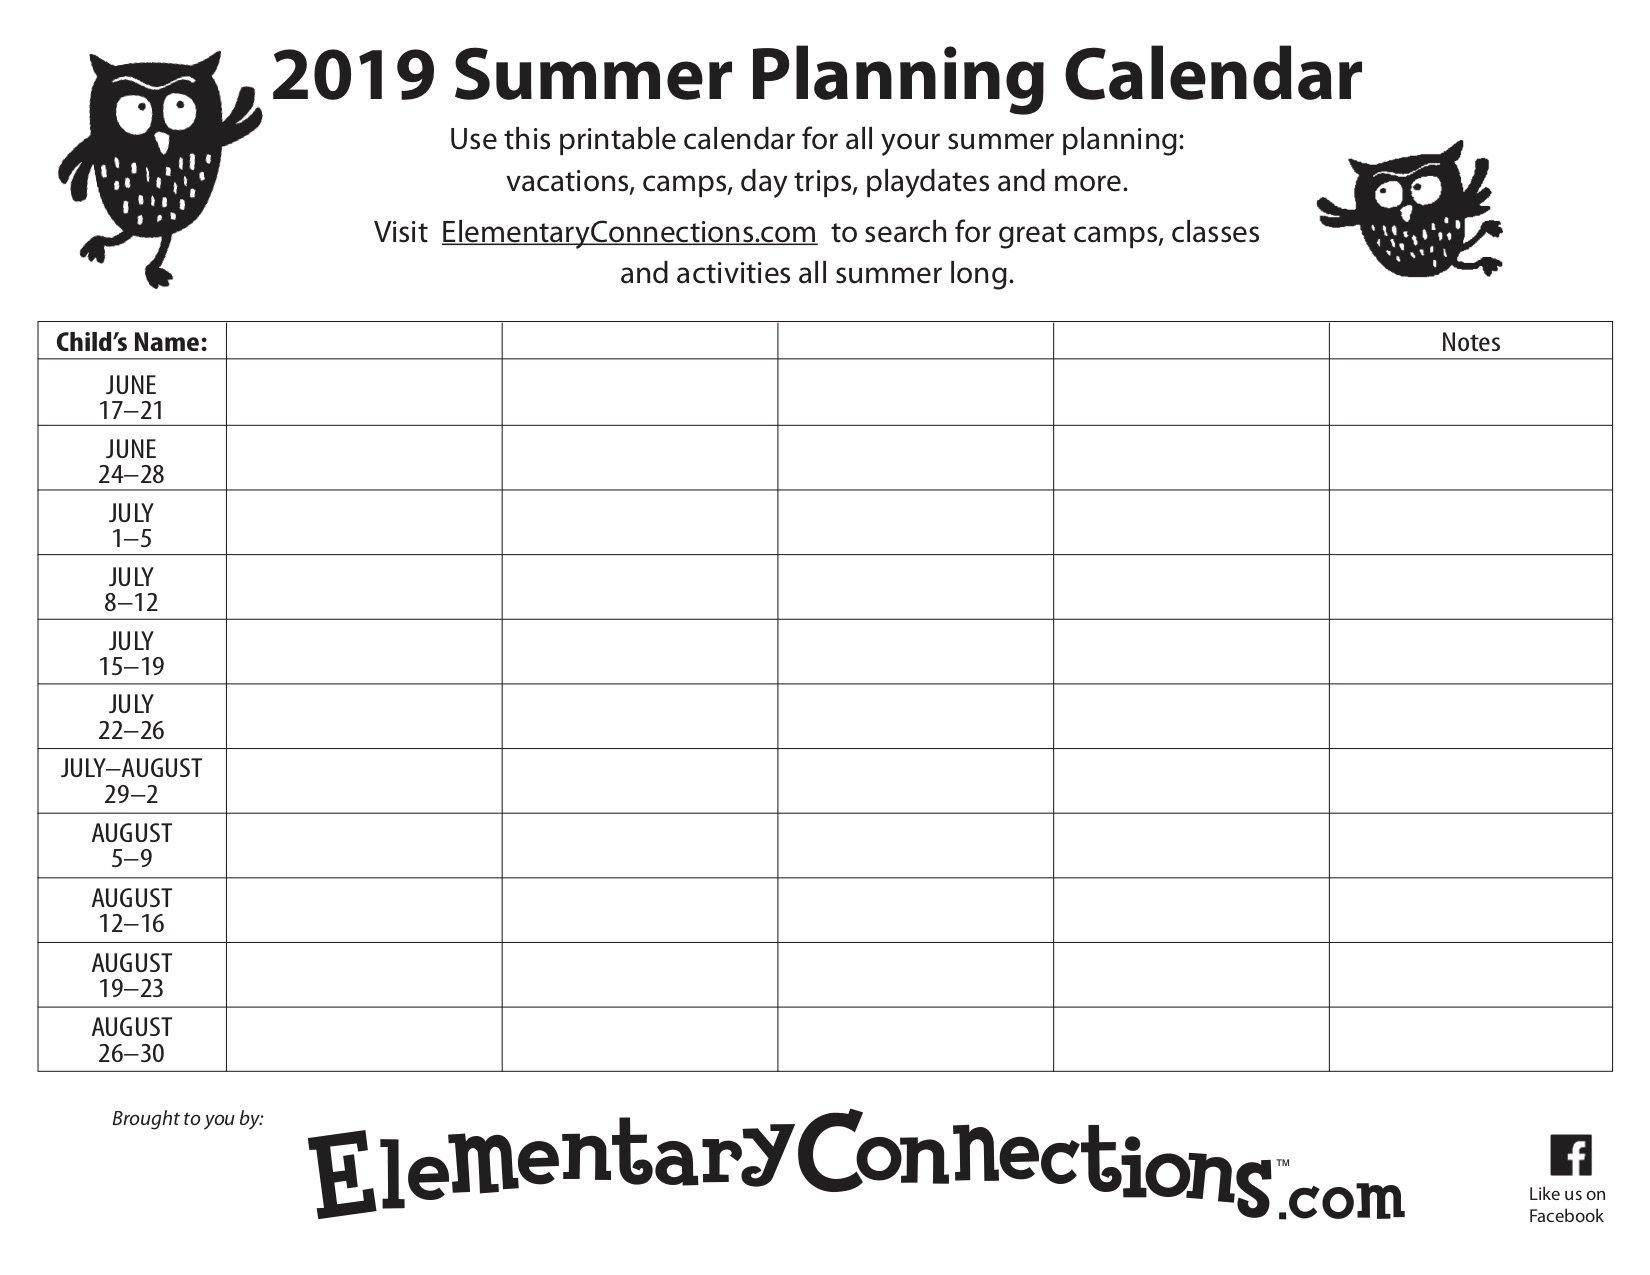 2019 Summer Planning Calendar Calendar 2019 Summer